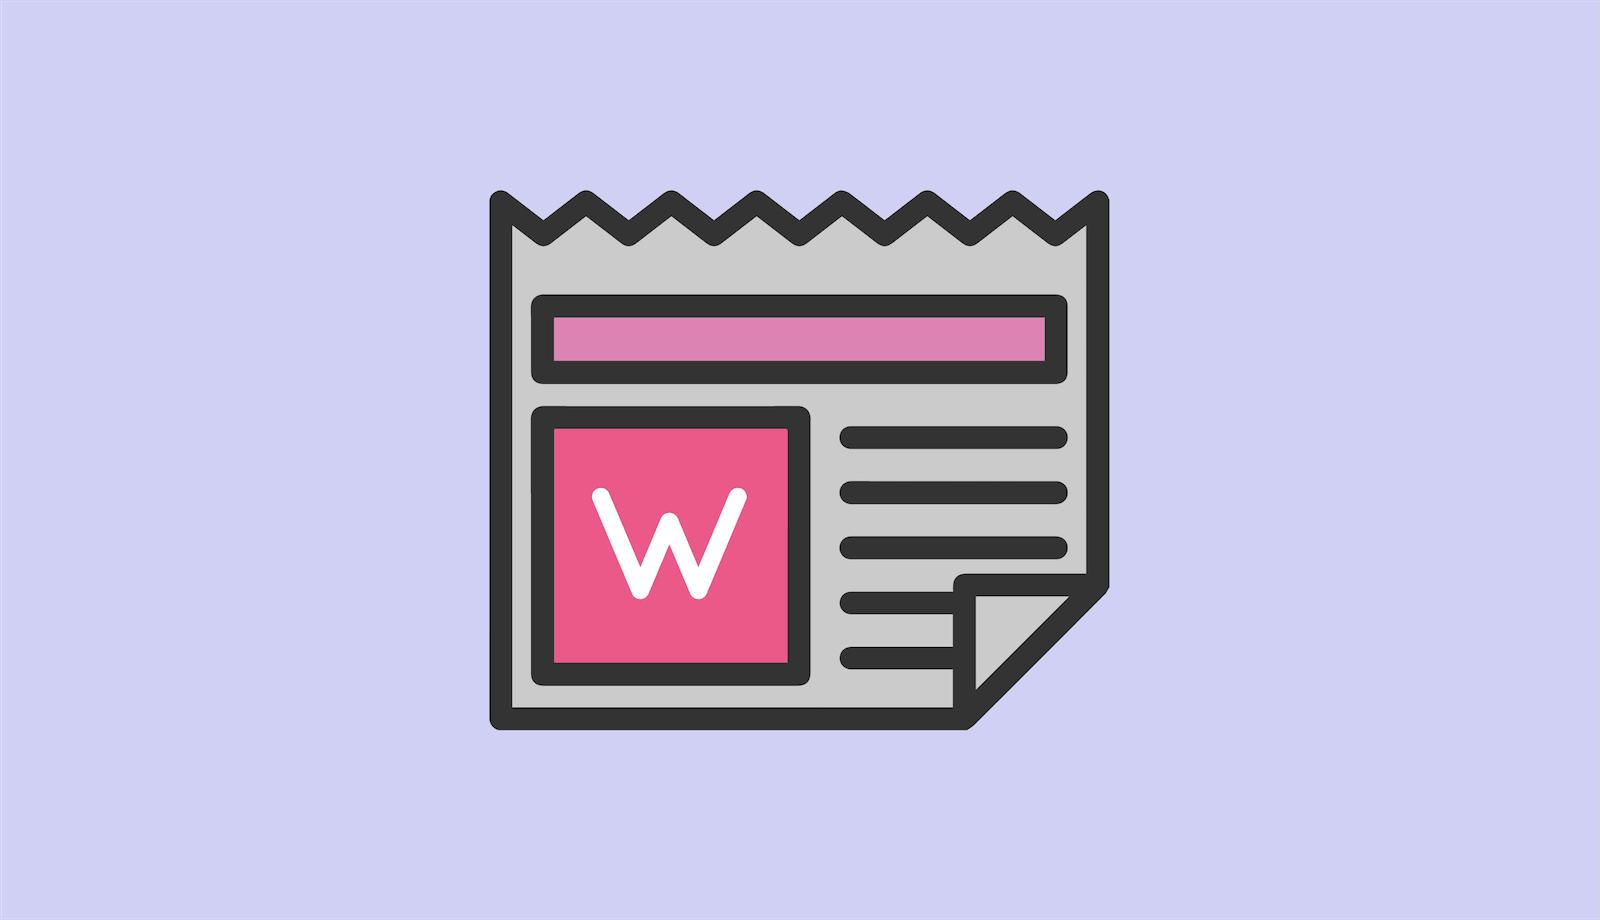 PUBGモバイル:Win94の評価とおすすめアタッチメント